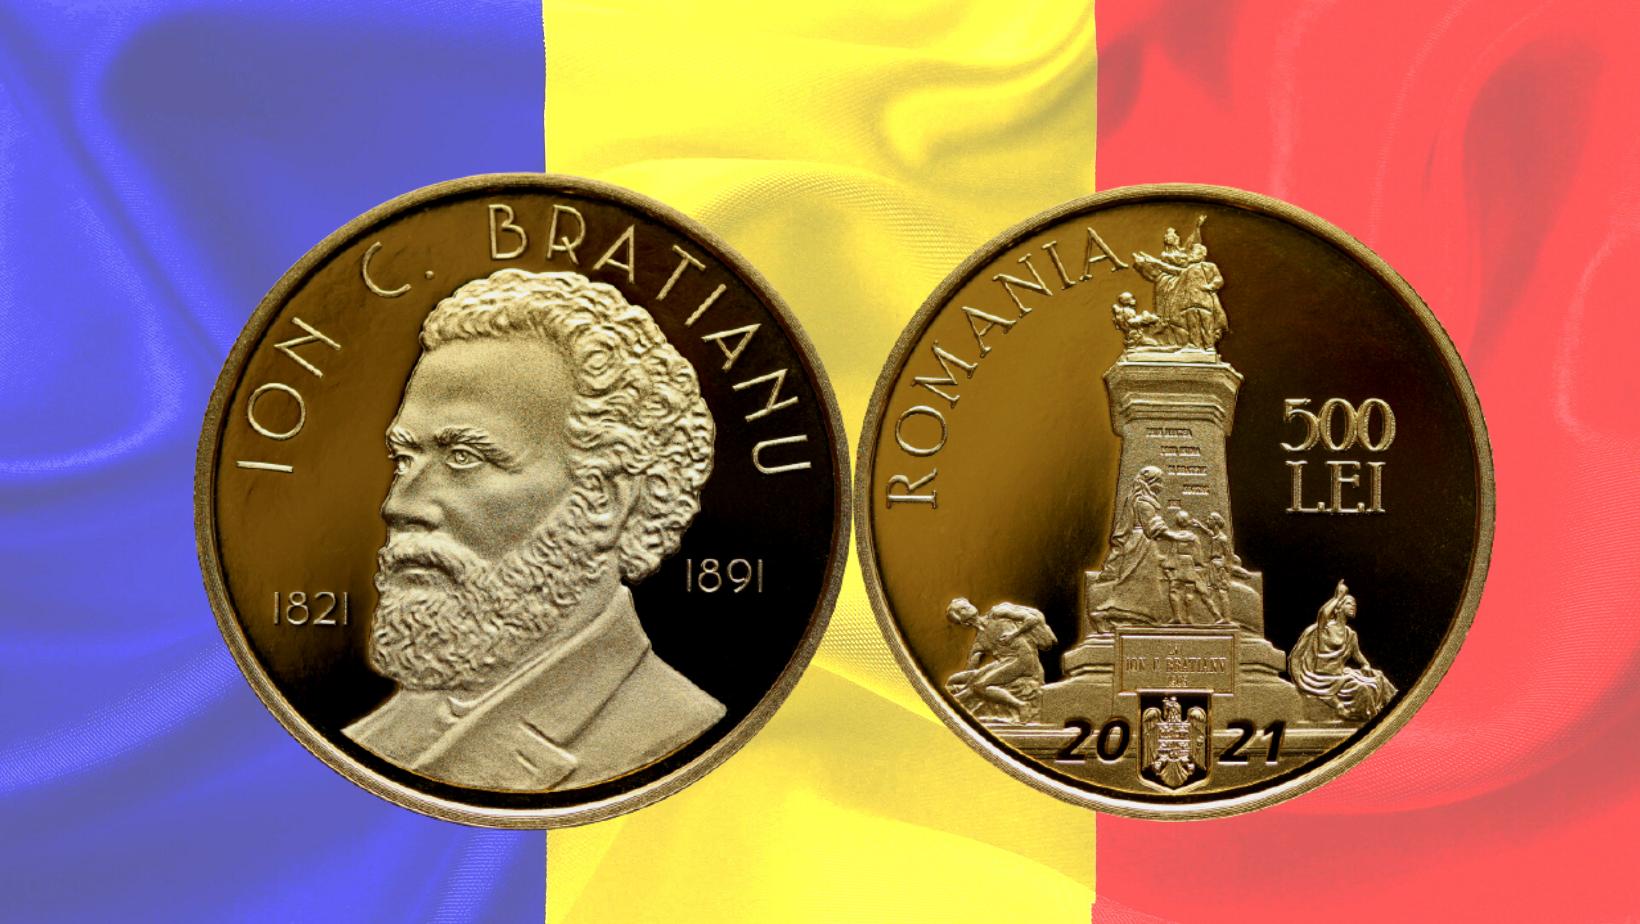 Ion Brătianu, omagiat la 200 de ani de la naștere printr-o monedă de aur lansată de BNR